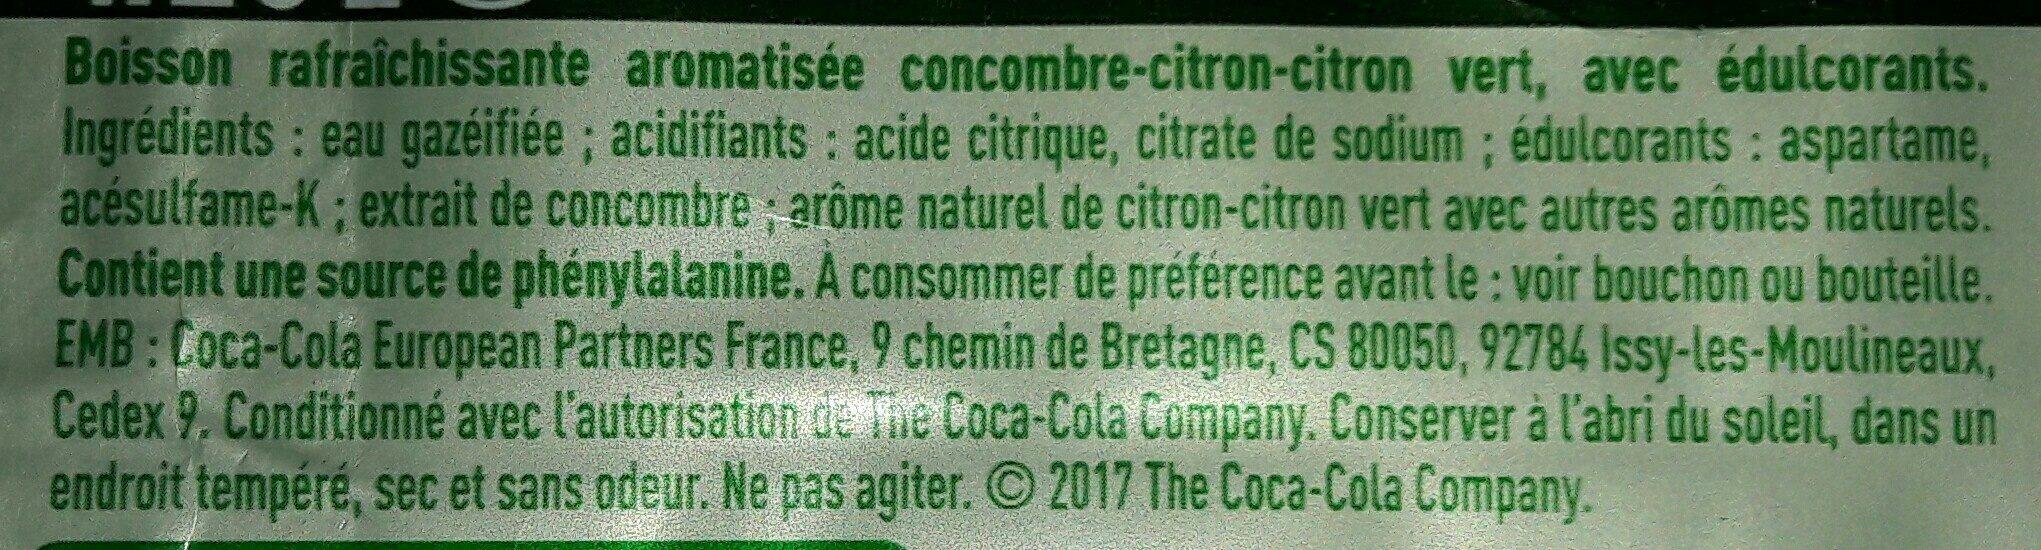 Sprite citron citron vert concombre - Ingredients